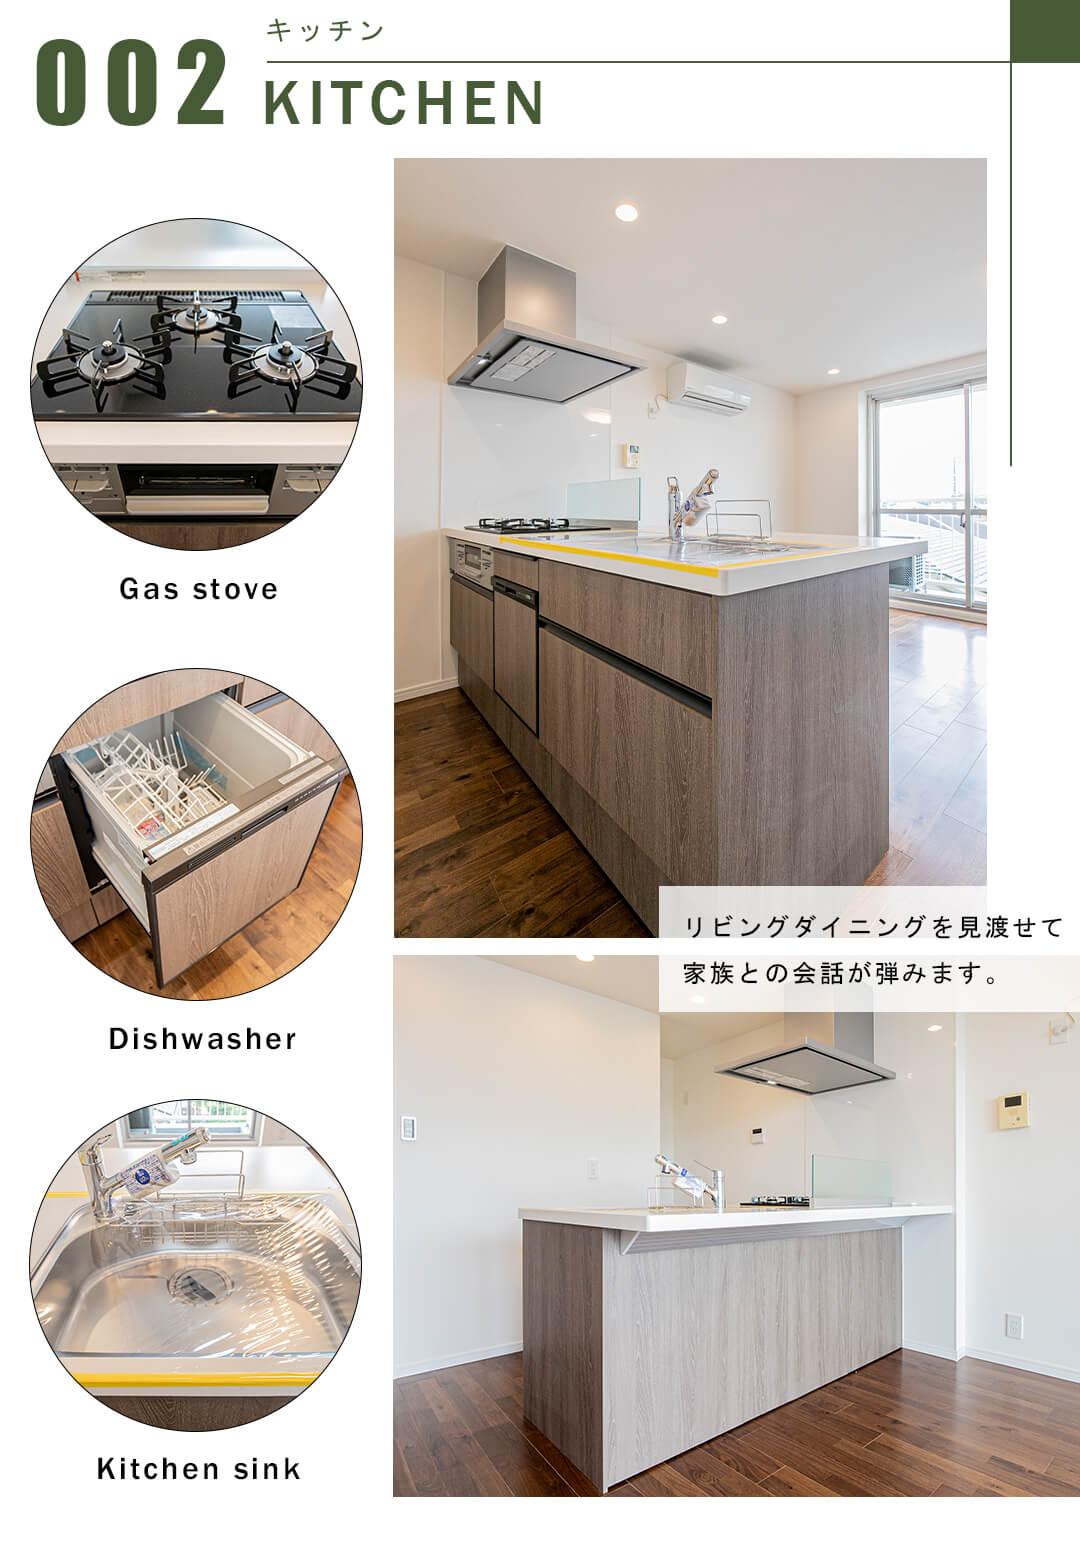 代田セントラルマンションのキッチン